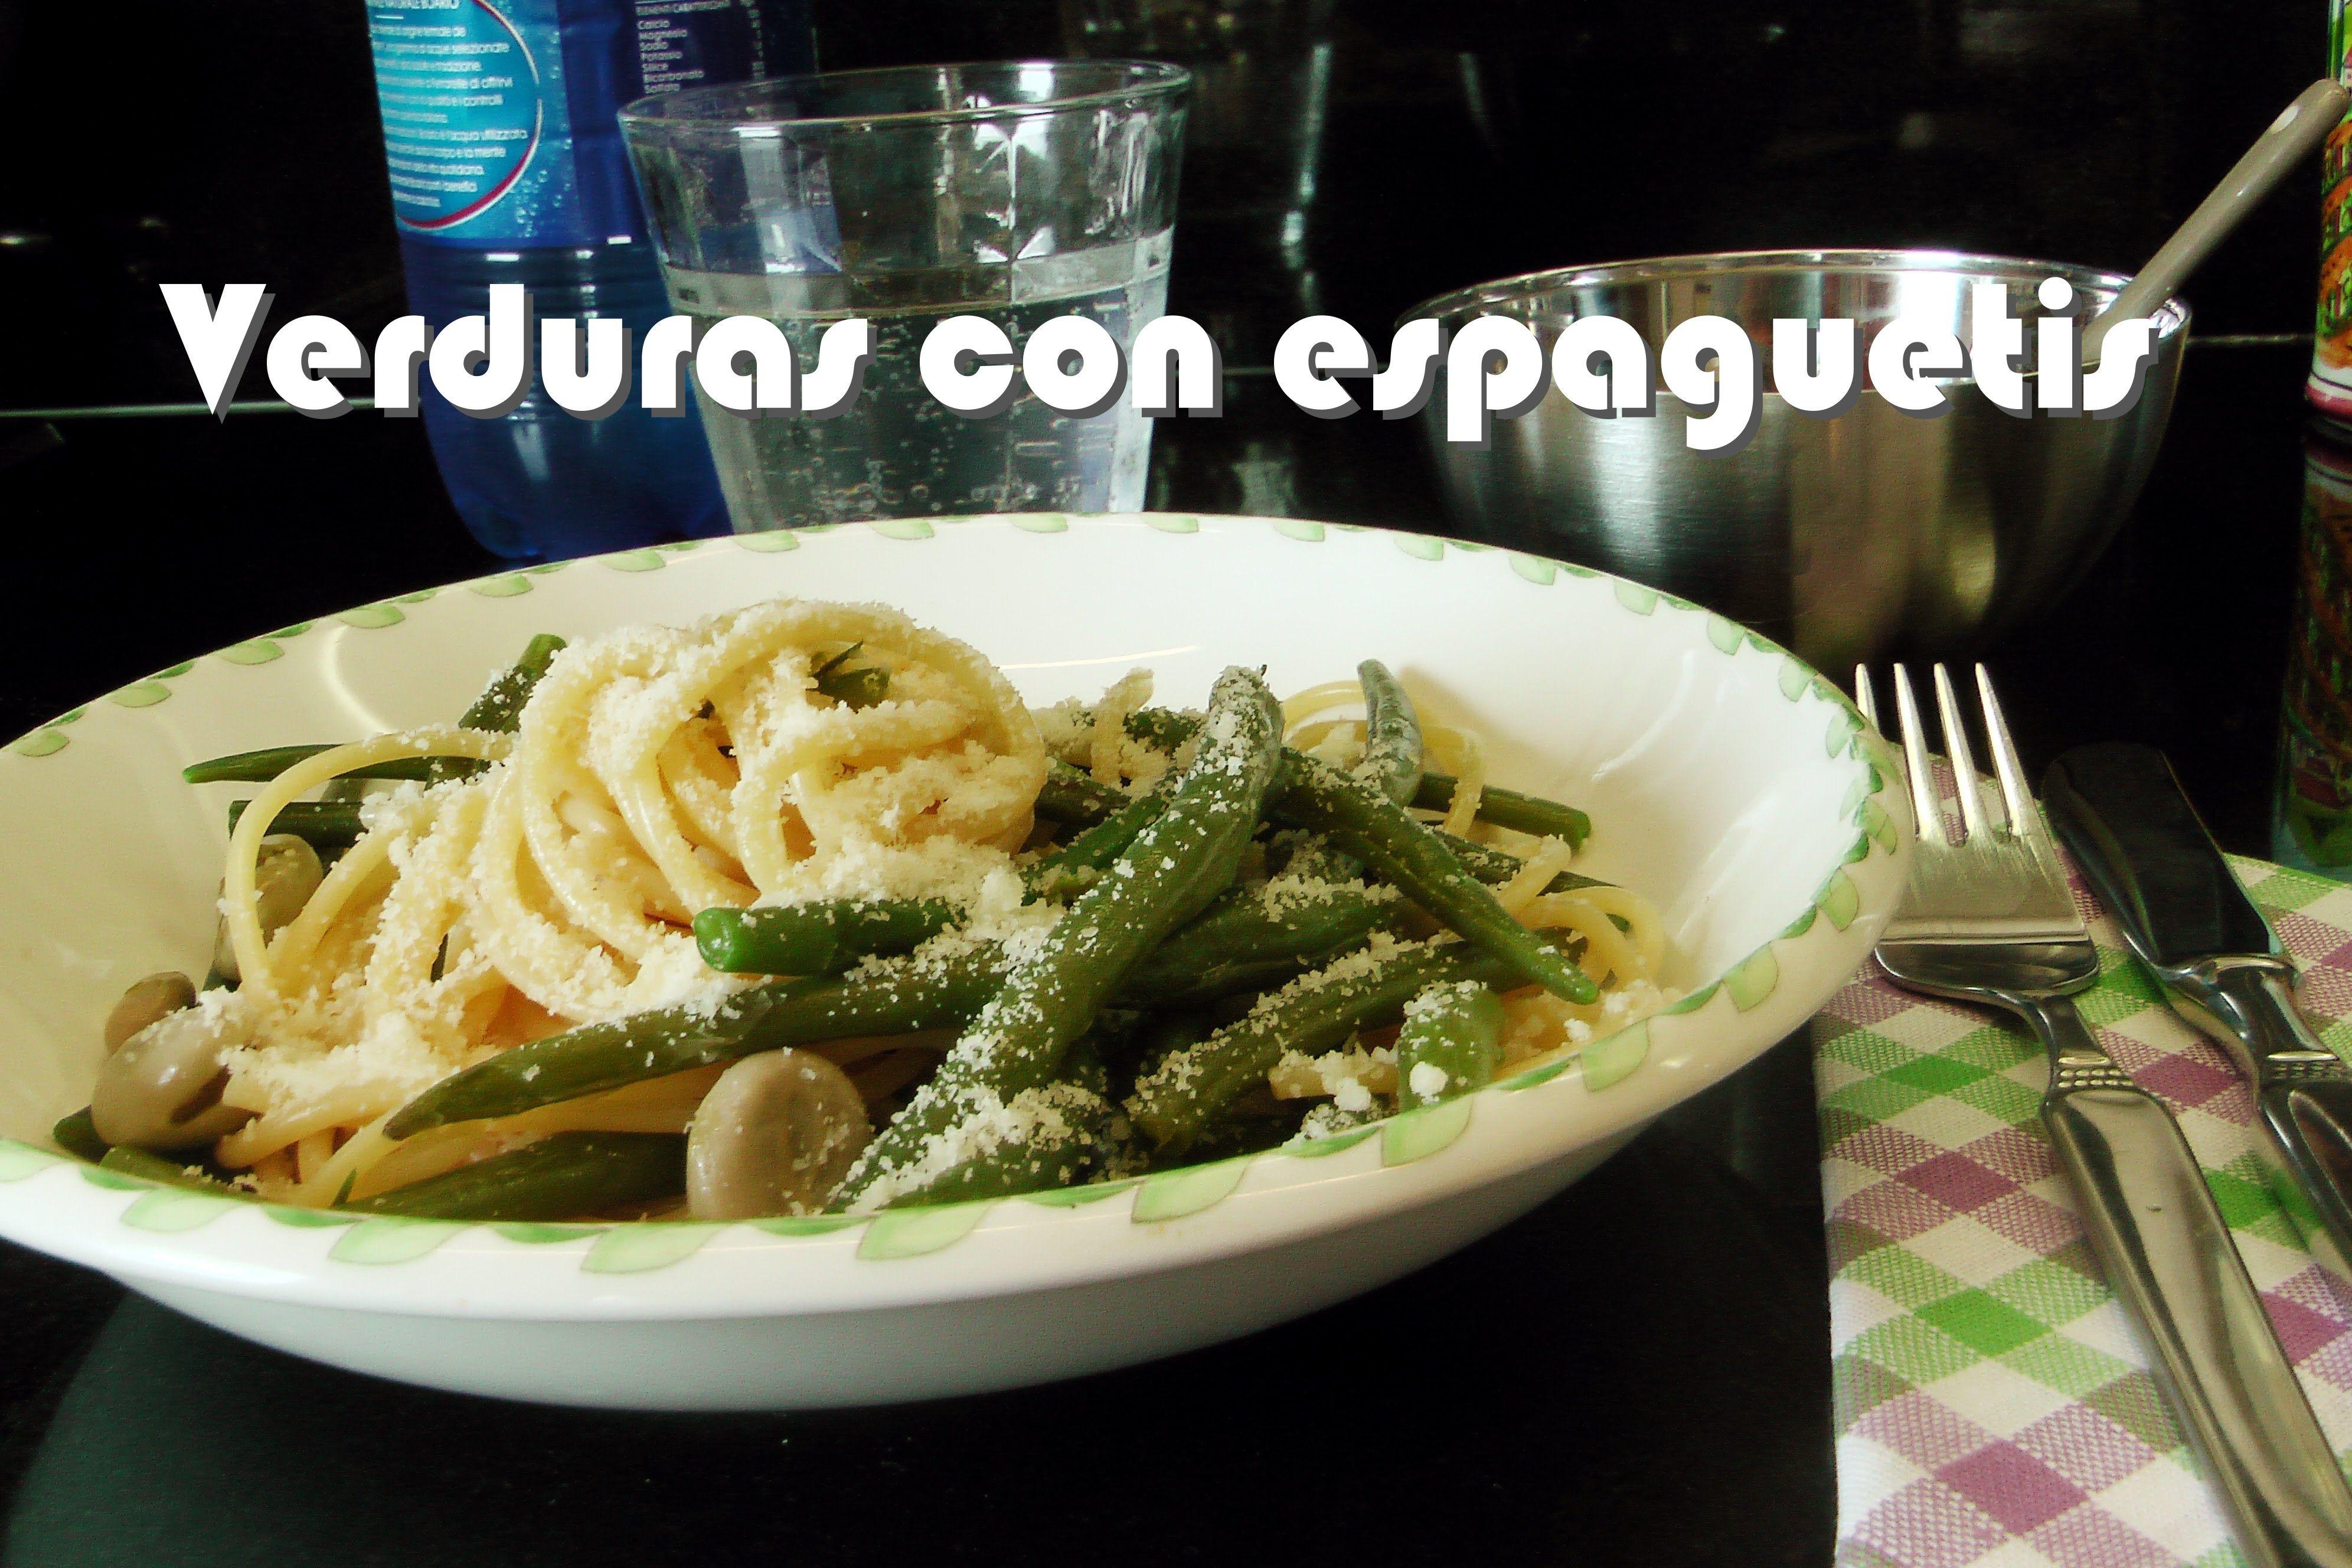 Como Hacer Espaguetis Con Verduras Receta Fácil Verdura Con Spaghetti Espagueti Con Verduras Pasta Con Verduras Verduras